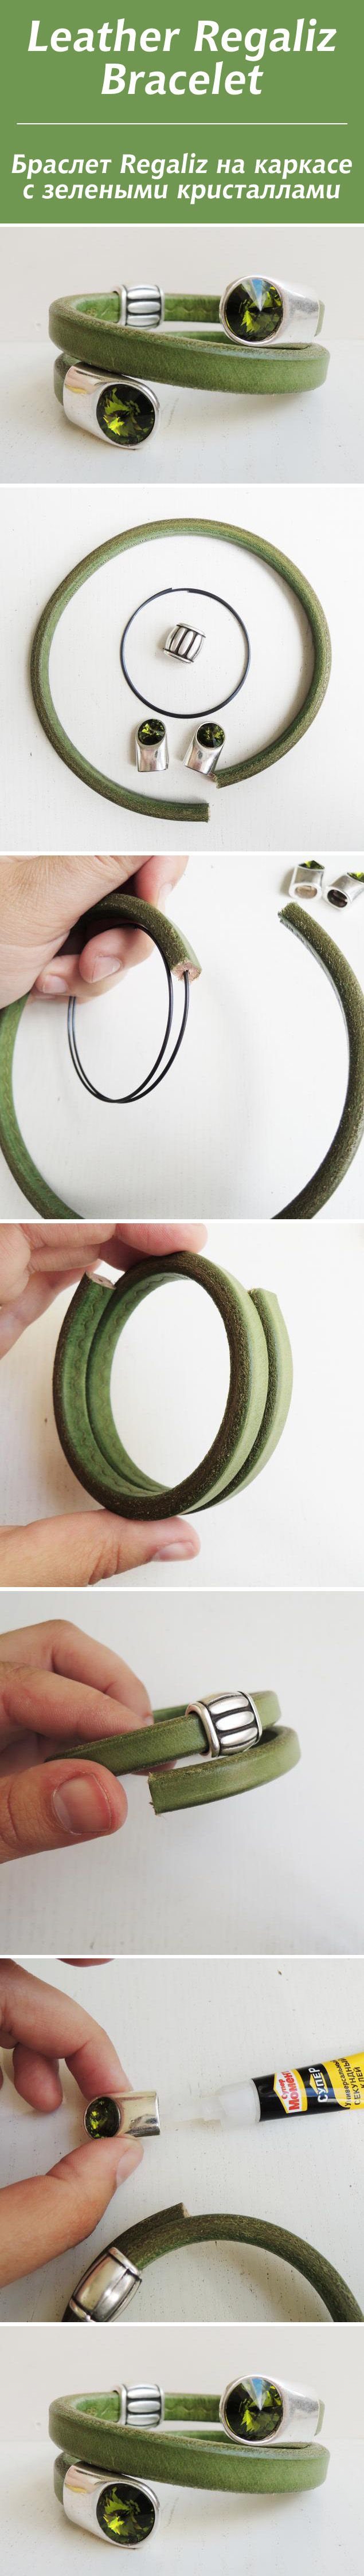 Двойной браслет Regaliz на каркасе с зелеными кристаллами Сваровски / Leather Regaliz Bracelet